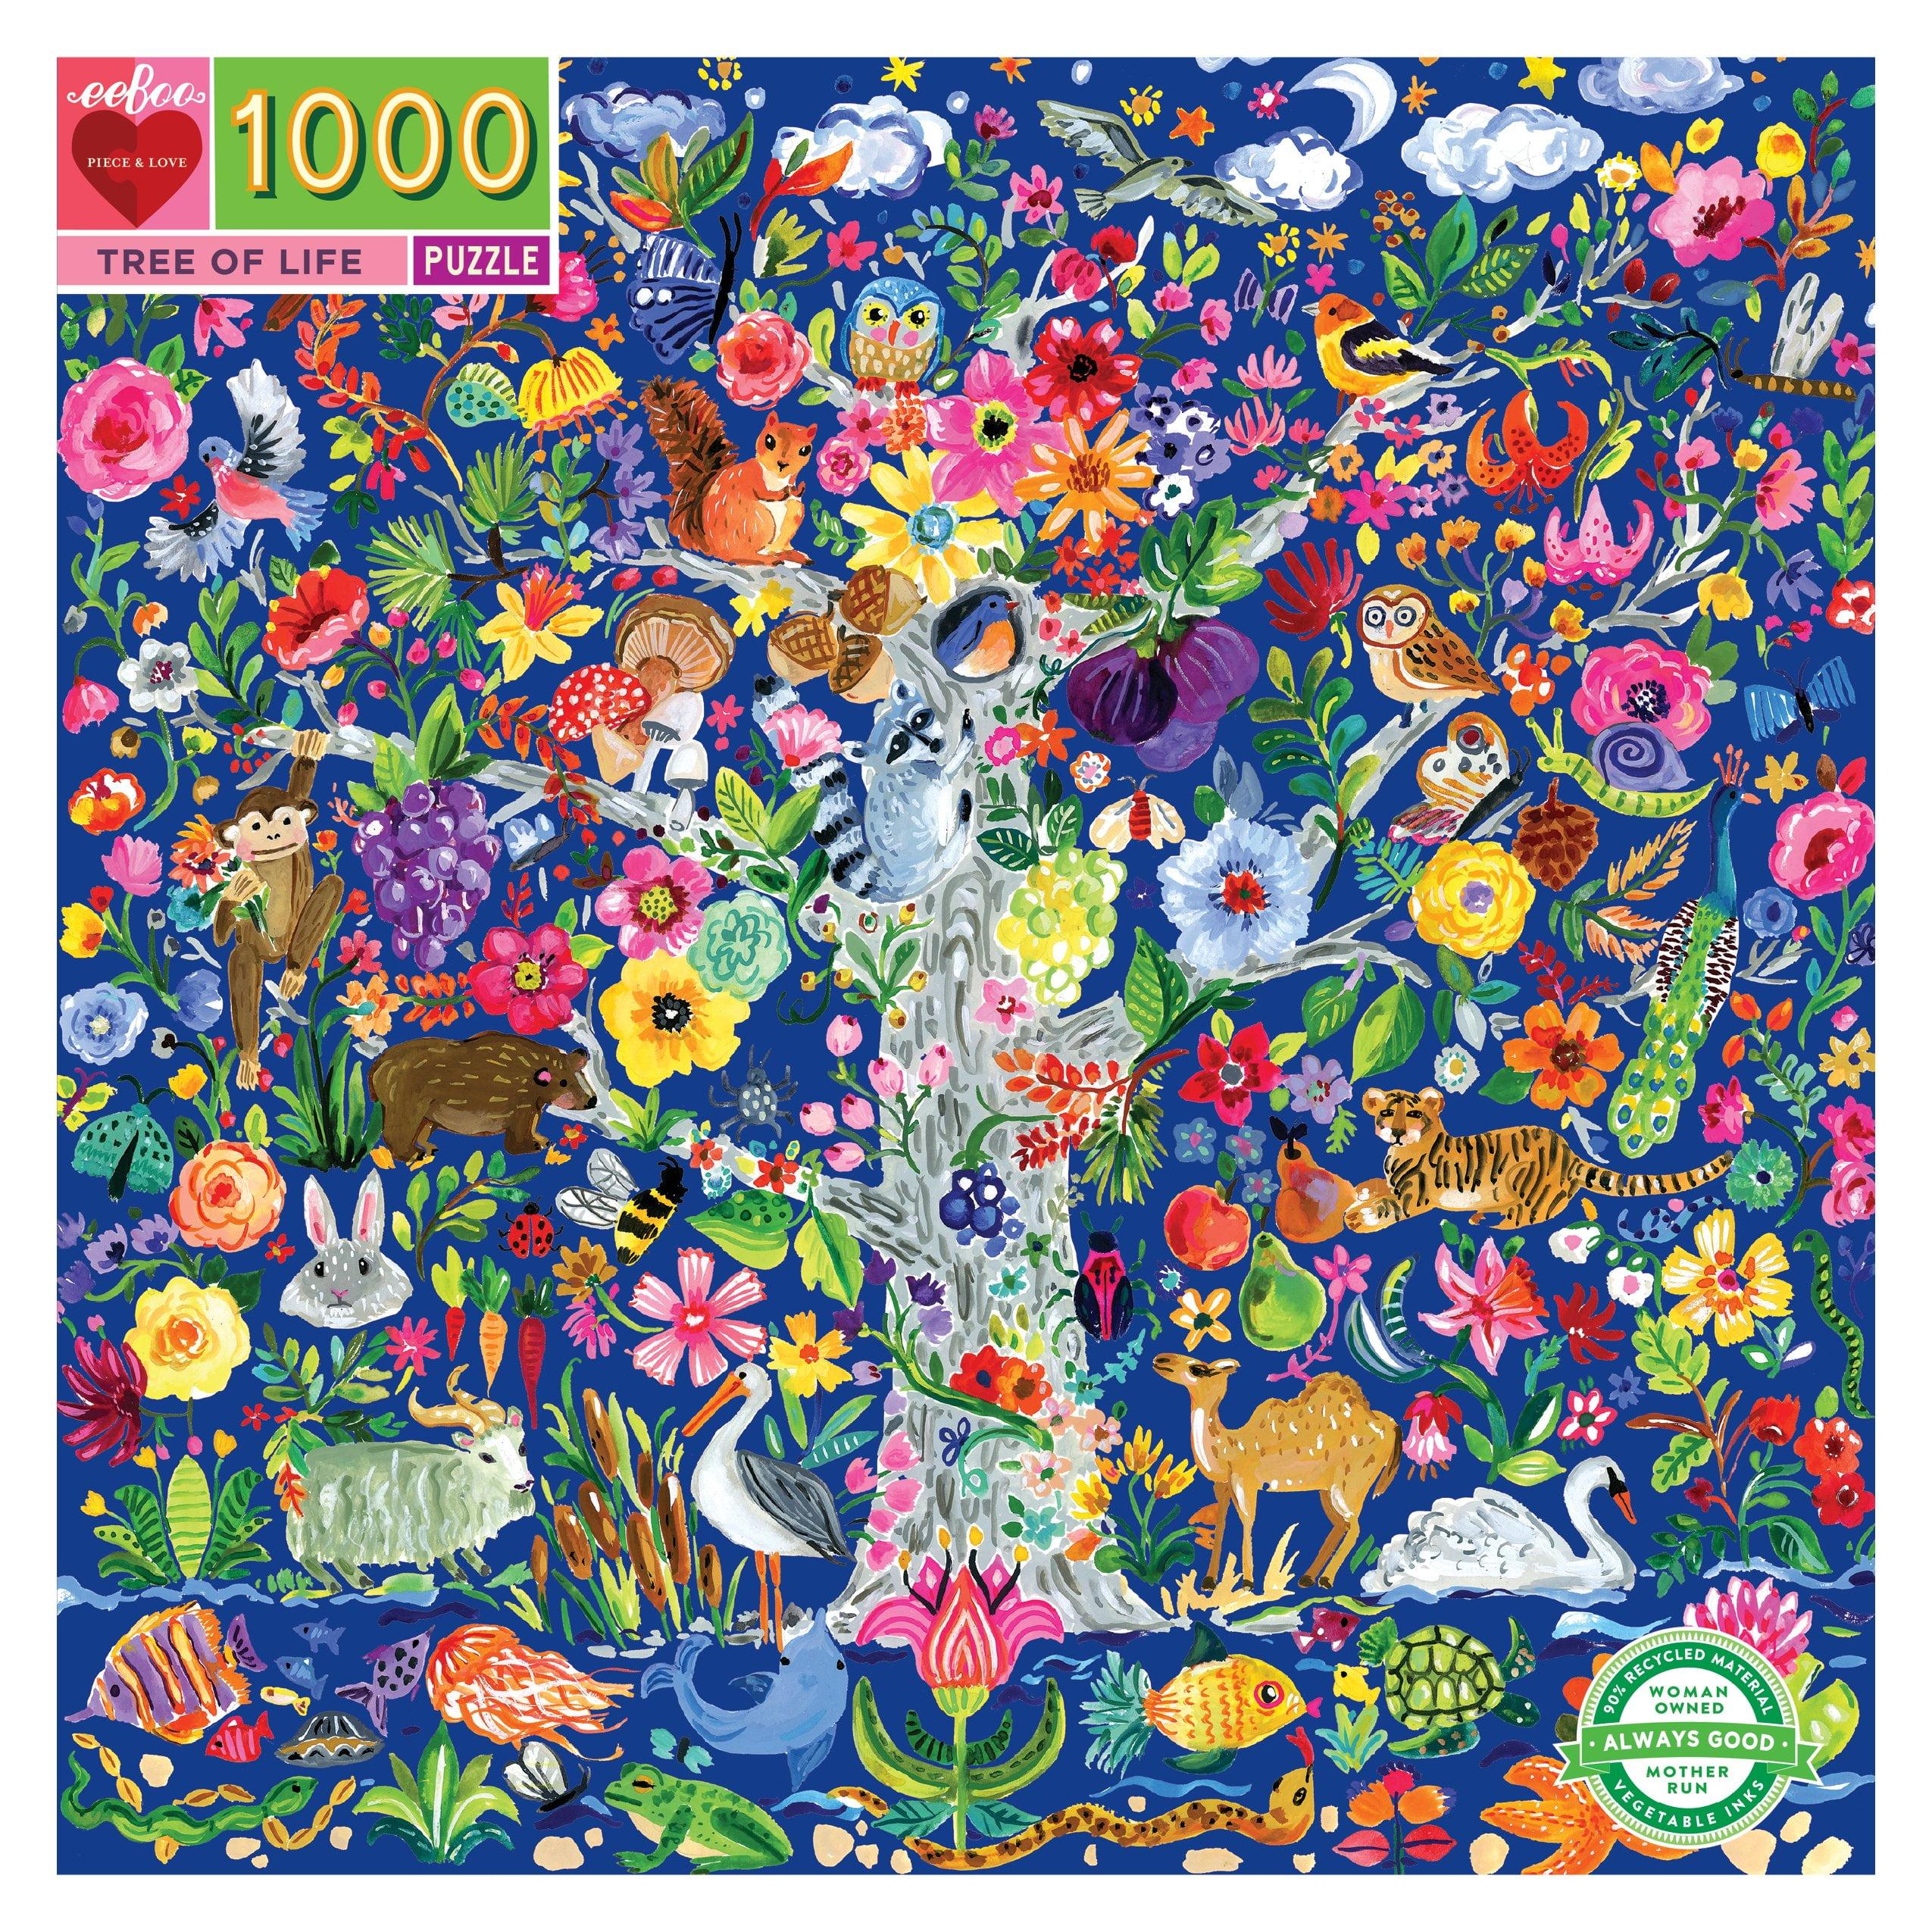 Tree of Life 1000 Piece Puzzle - eeBoo